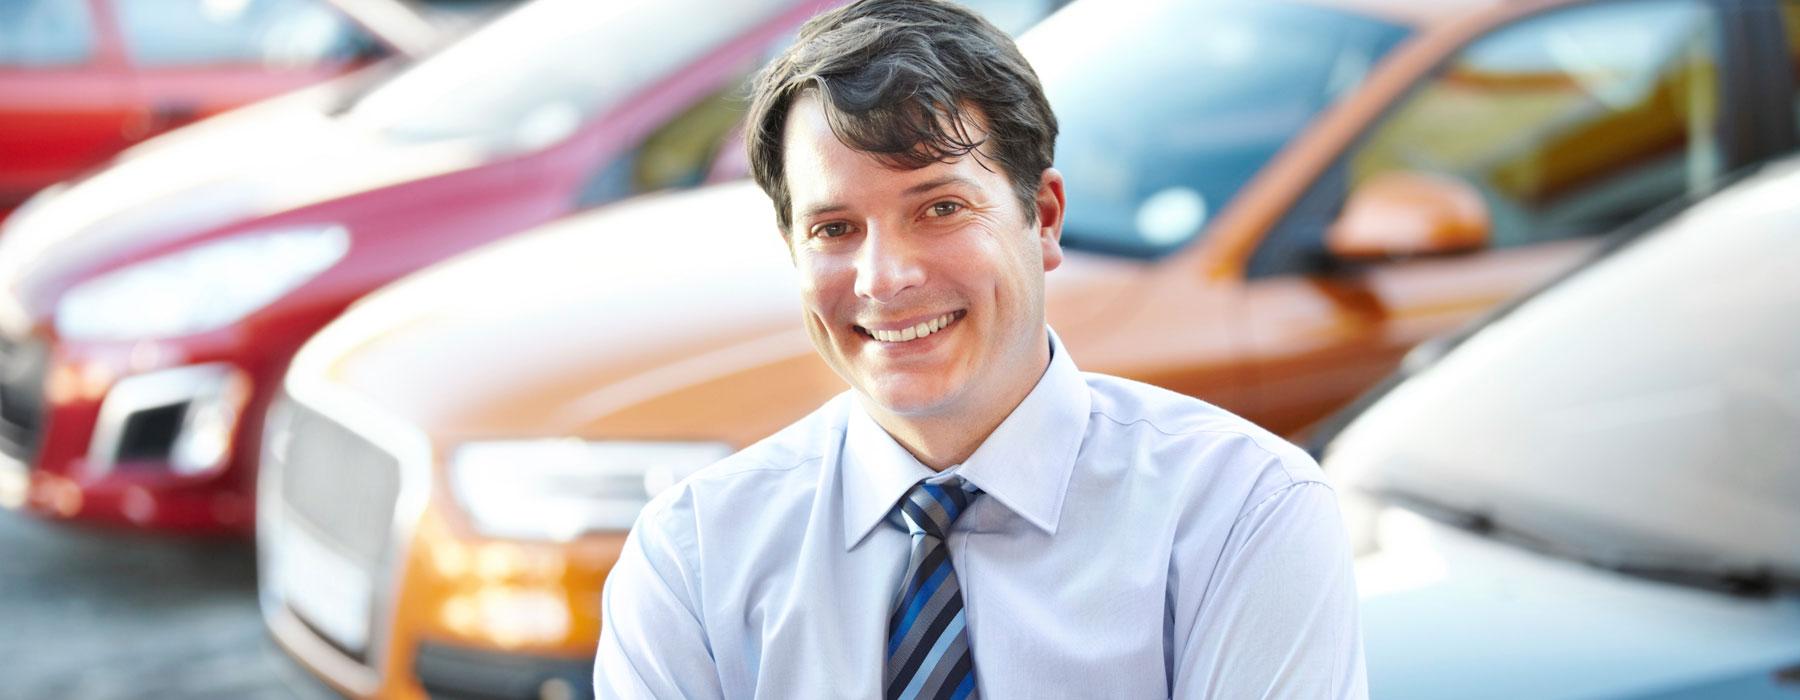 Försäkring direkt vagnpark försäkring, man framför många bilar